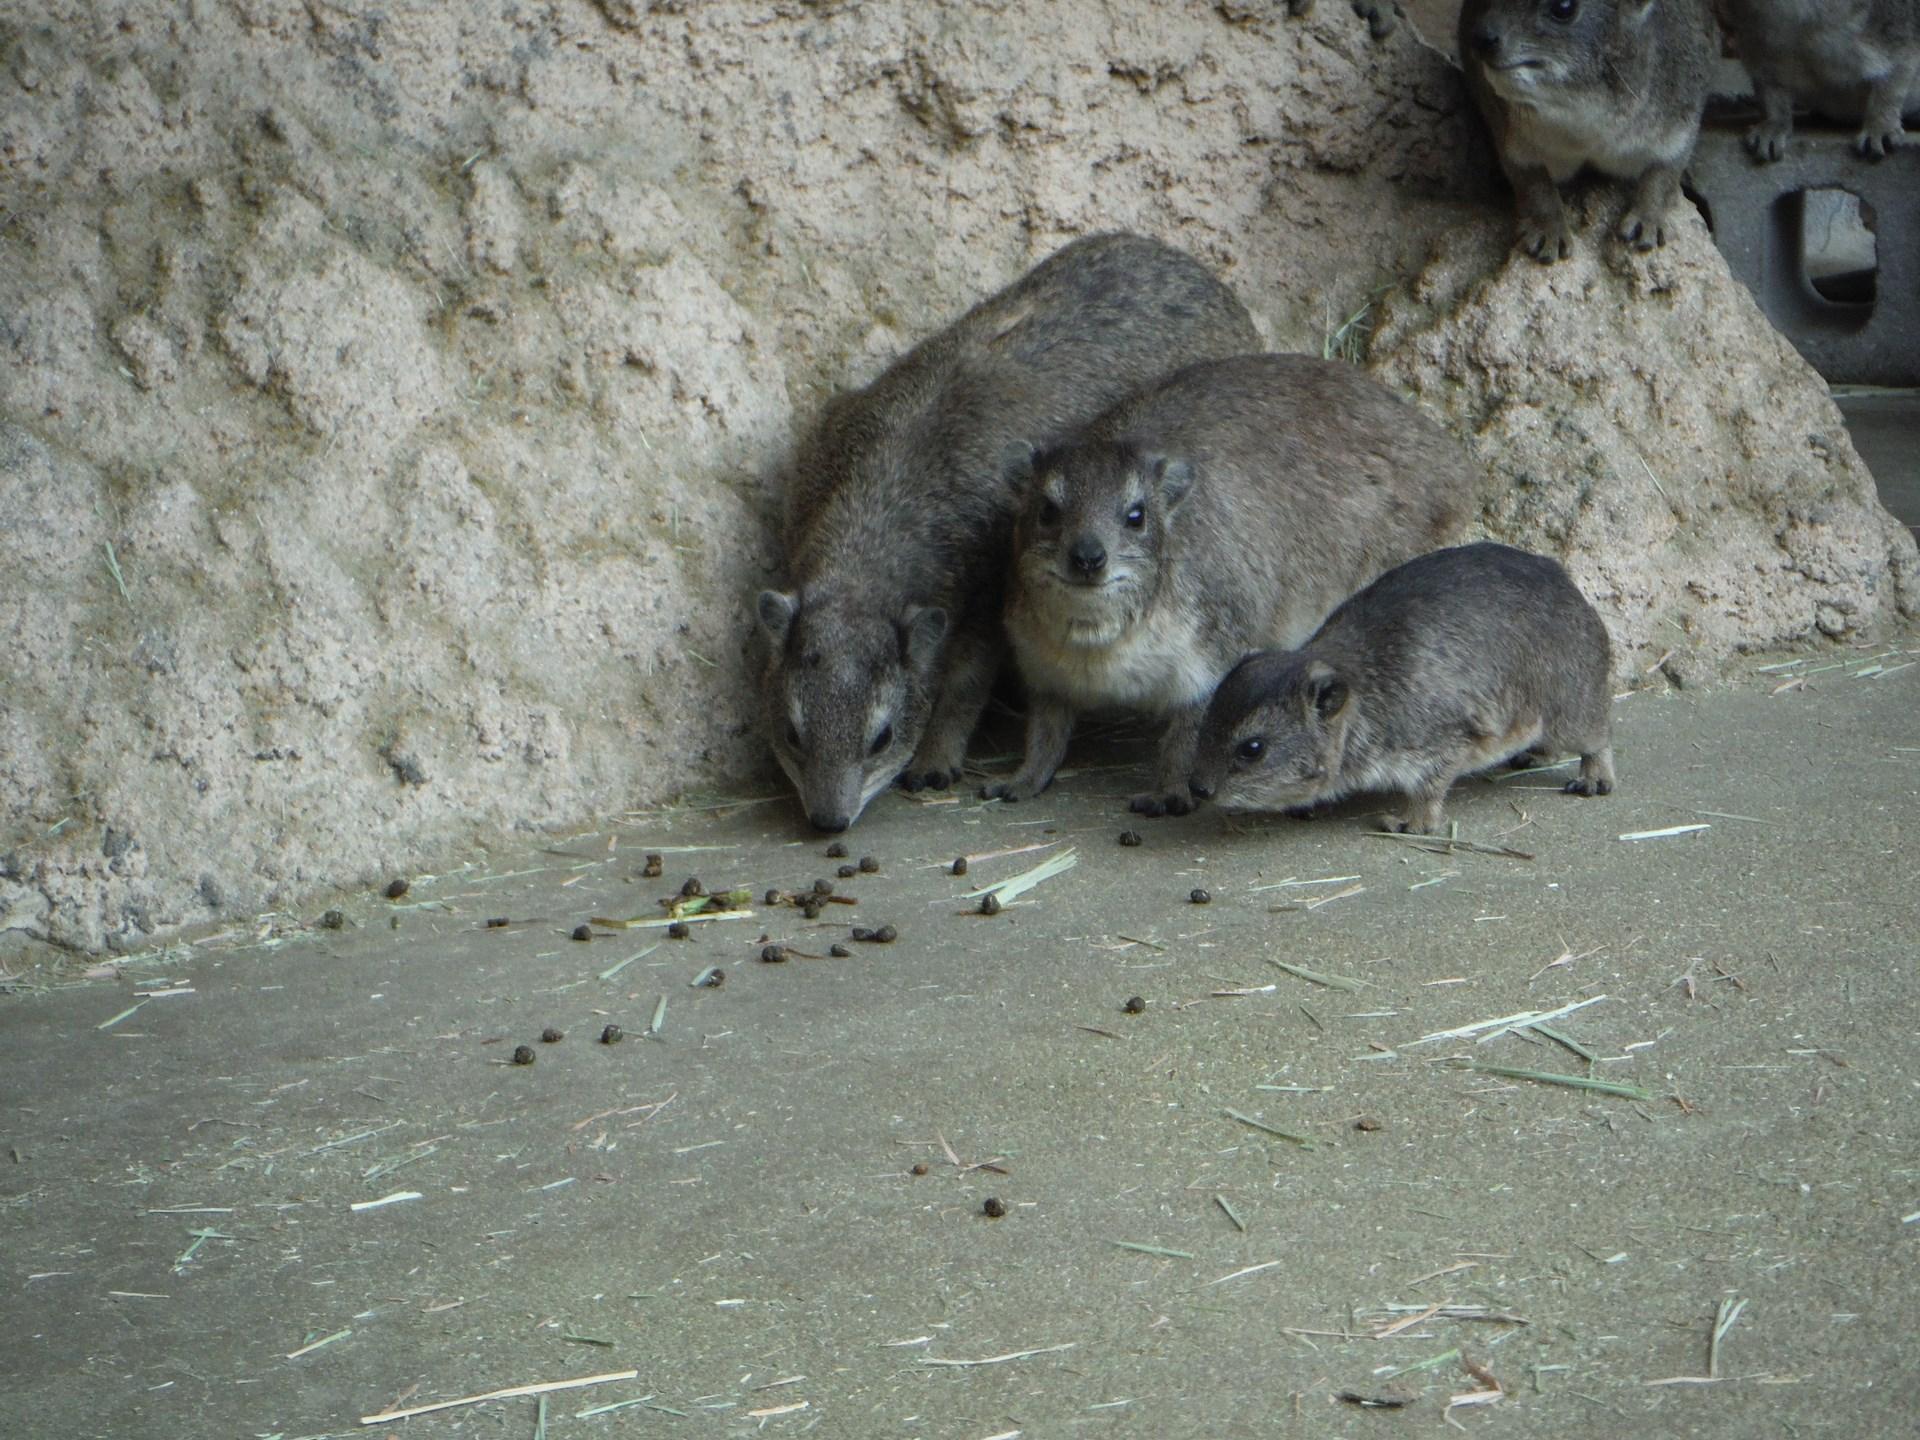 http://www.asazoo.jp/animal/blog/s-DSCF4616.jpg